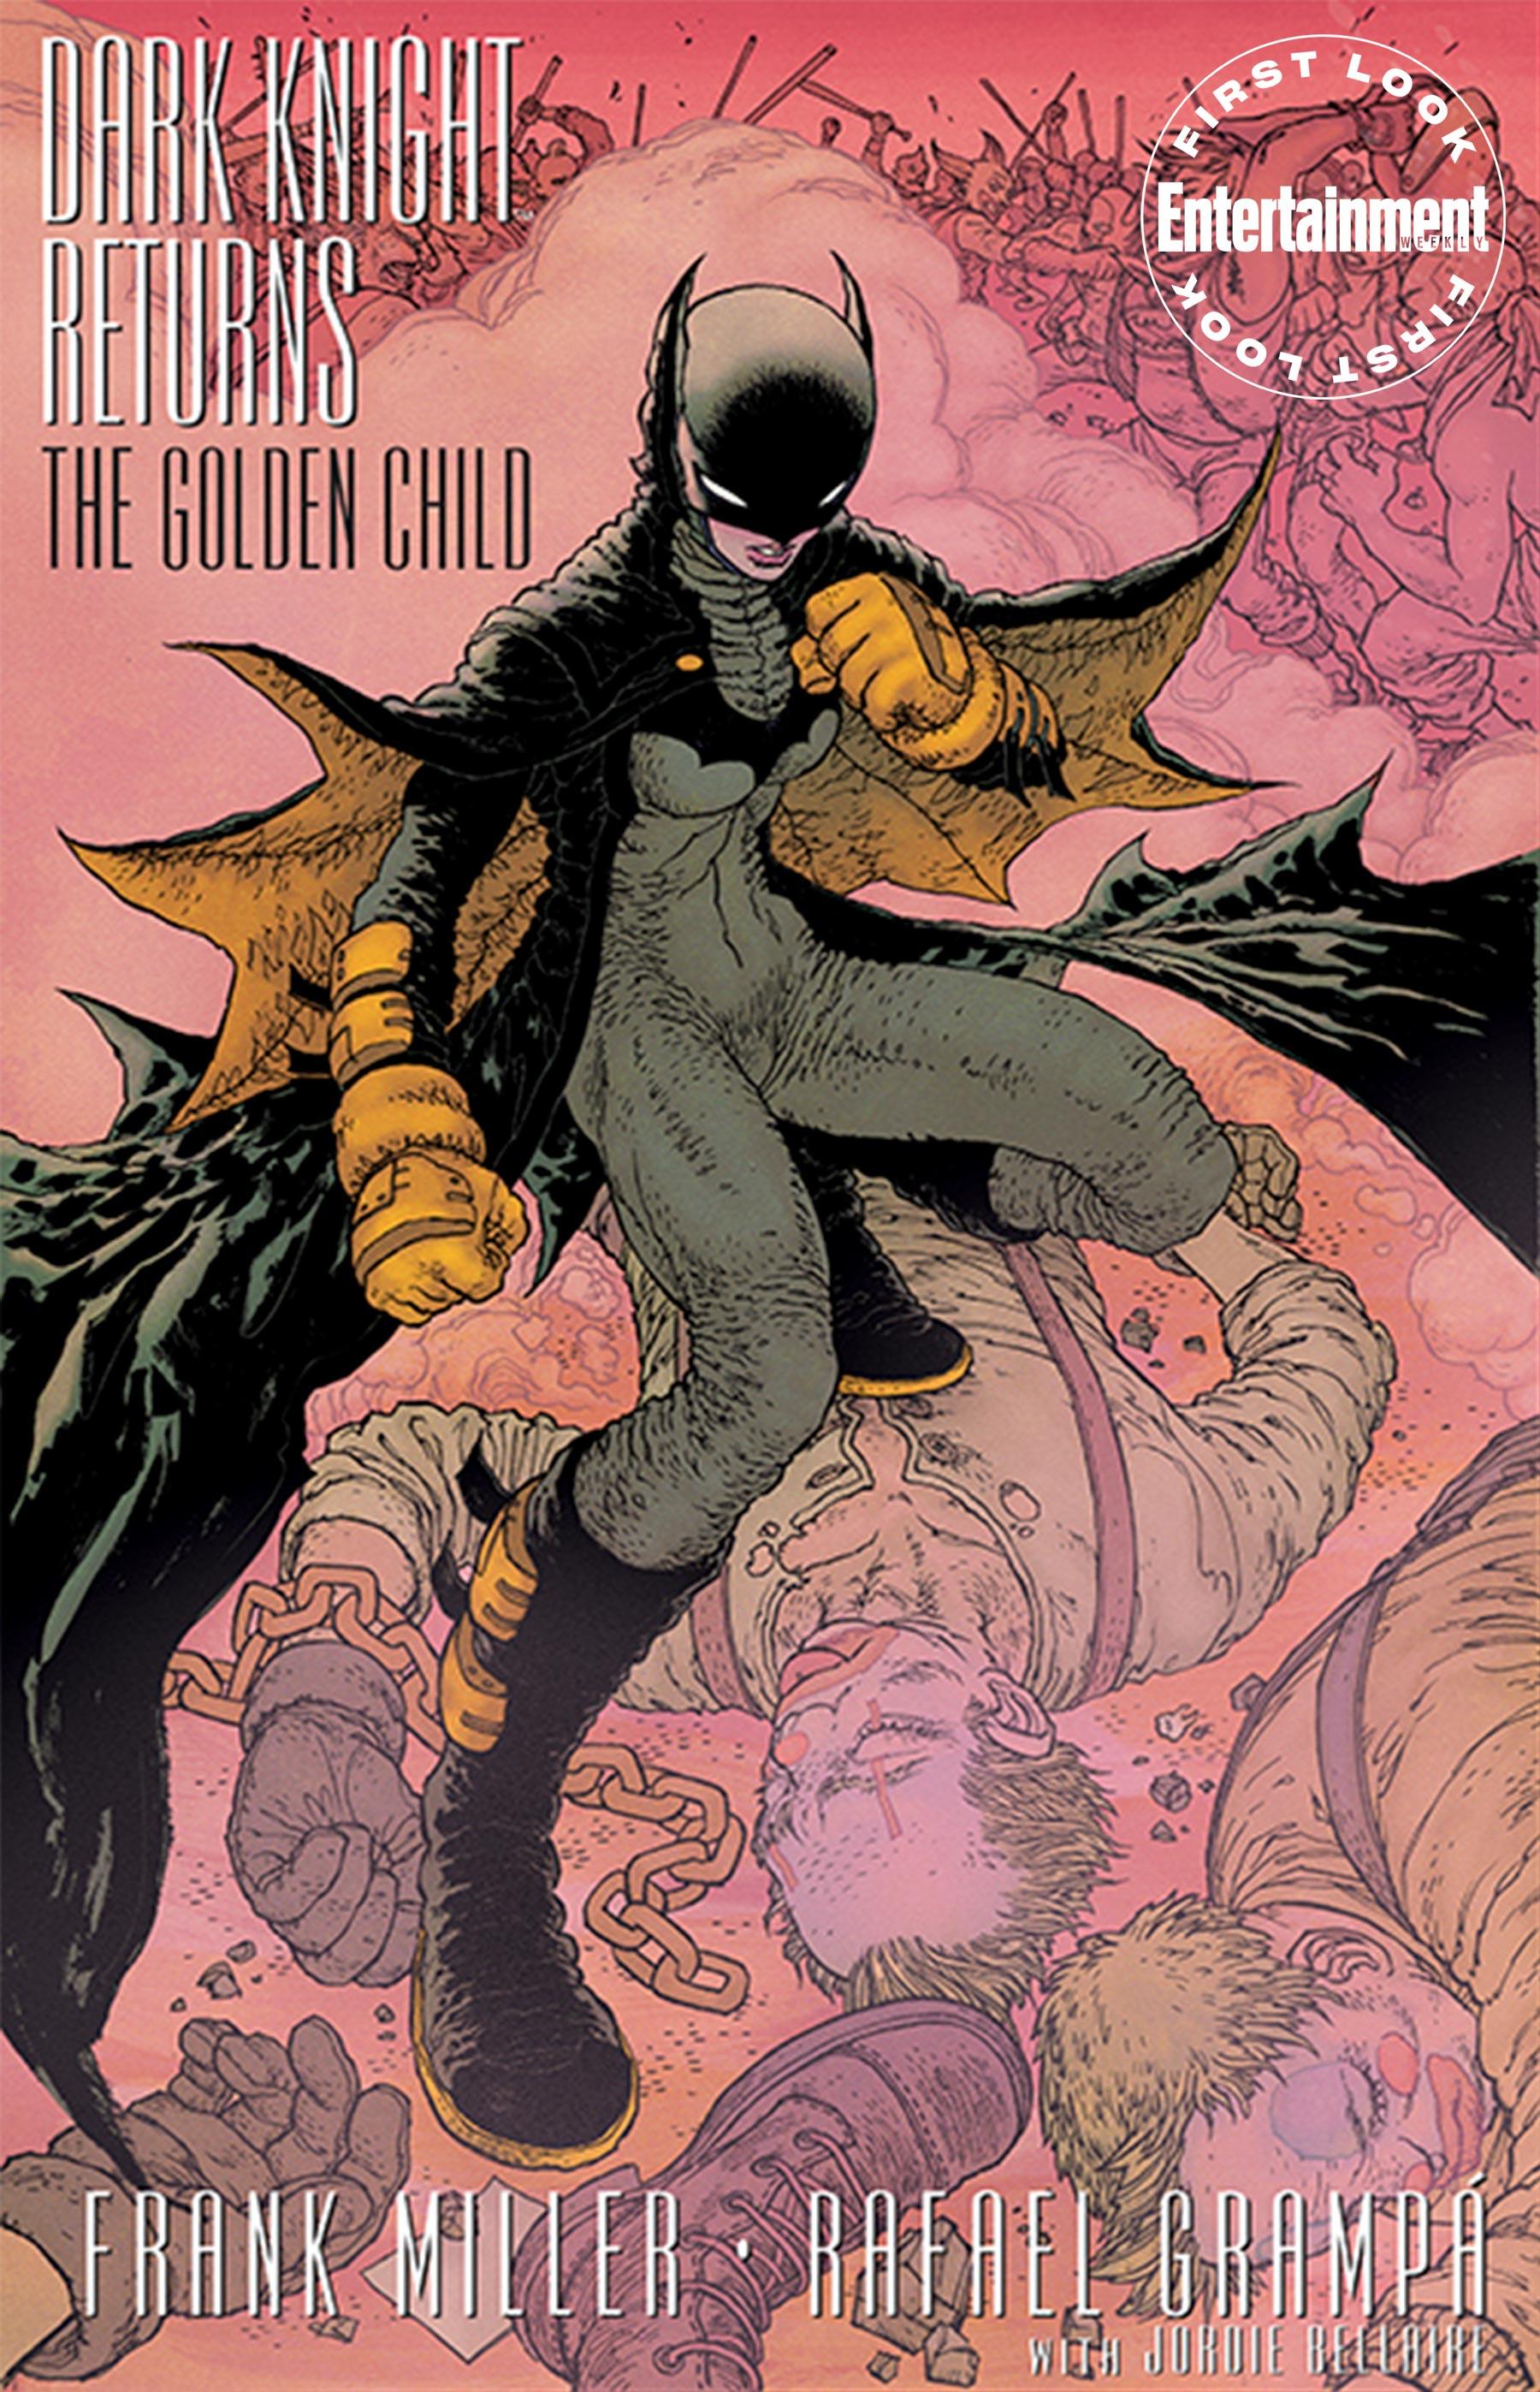 DC показала первые страницы из комикса The Golden Child —продолжения серии The Dark Knight Returns Фрэнка Миллера 1